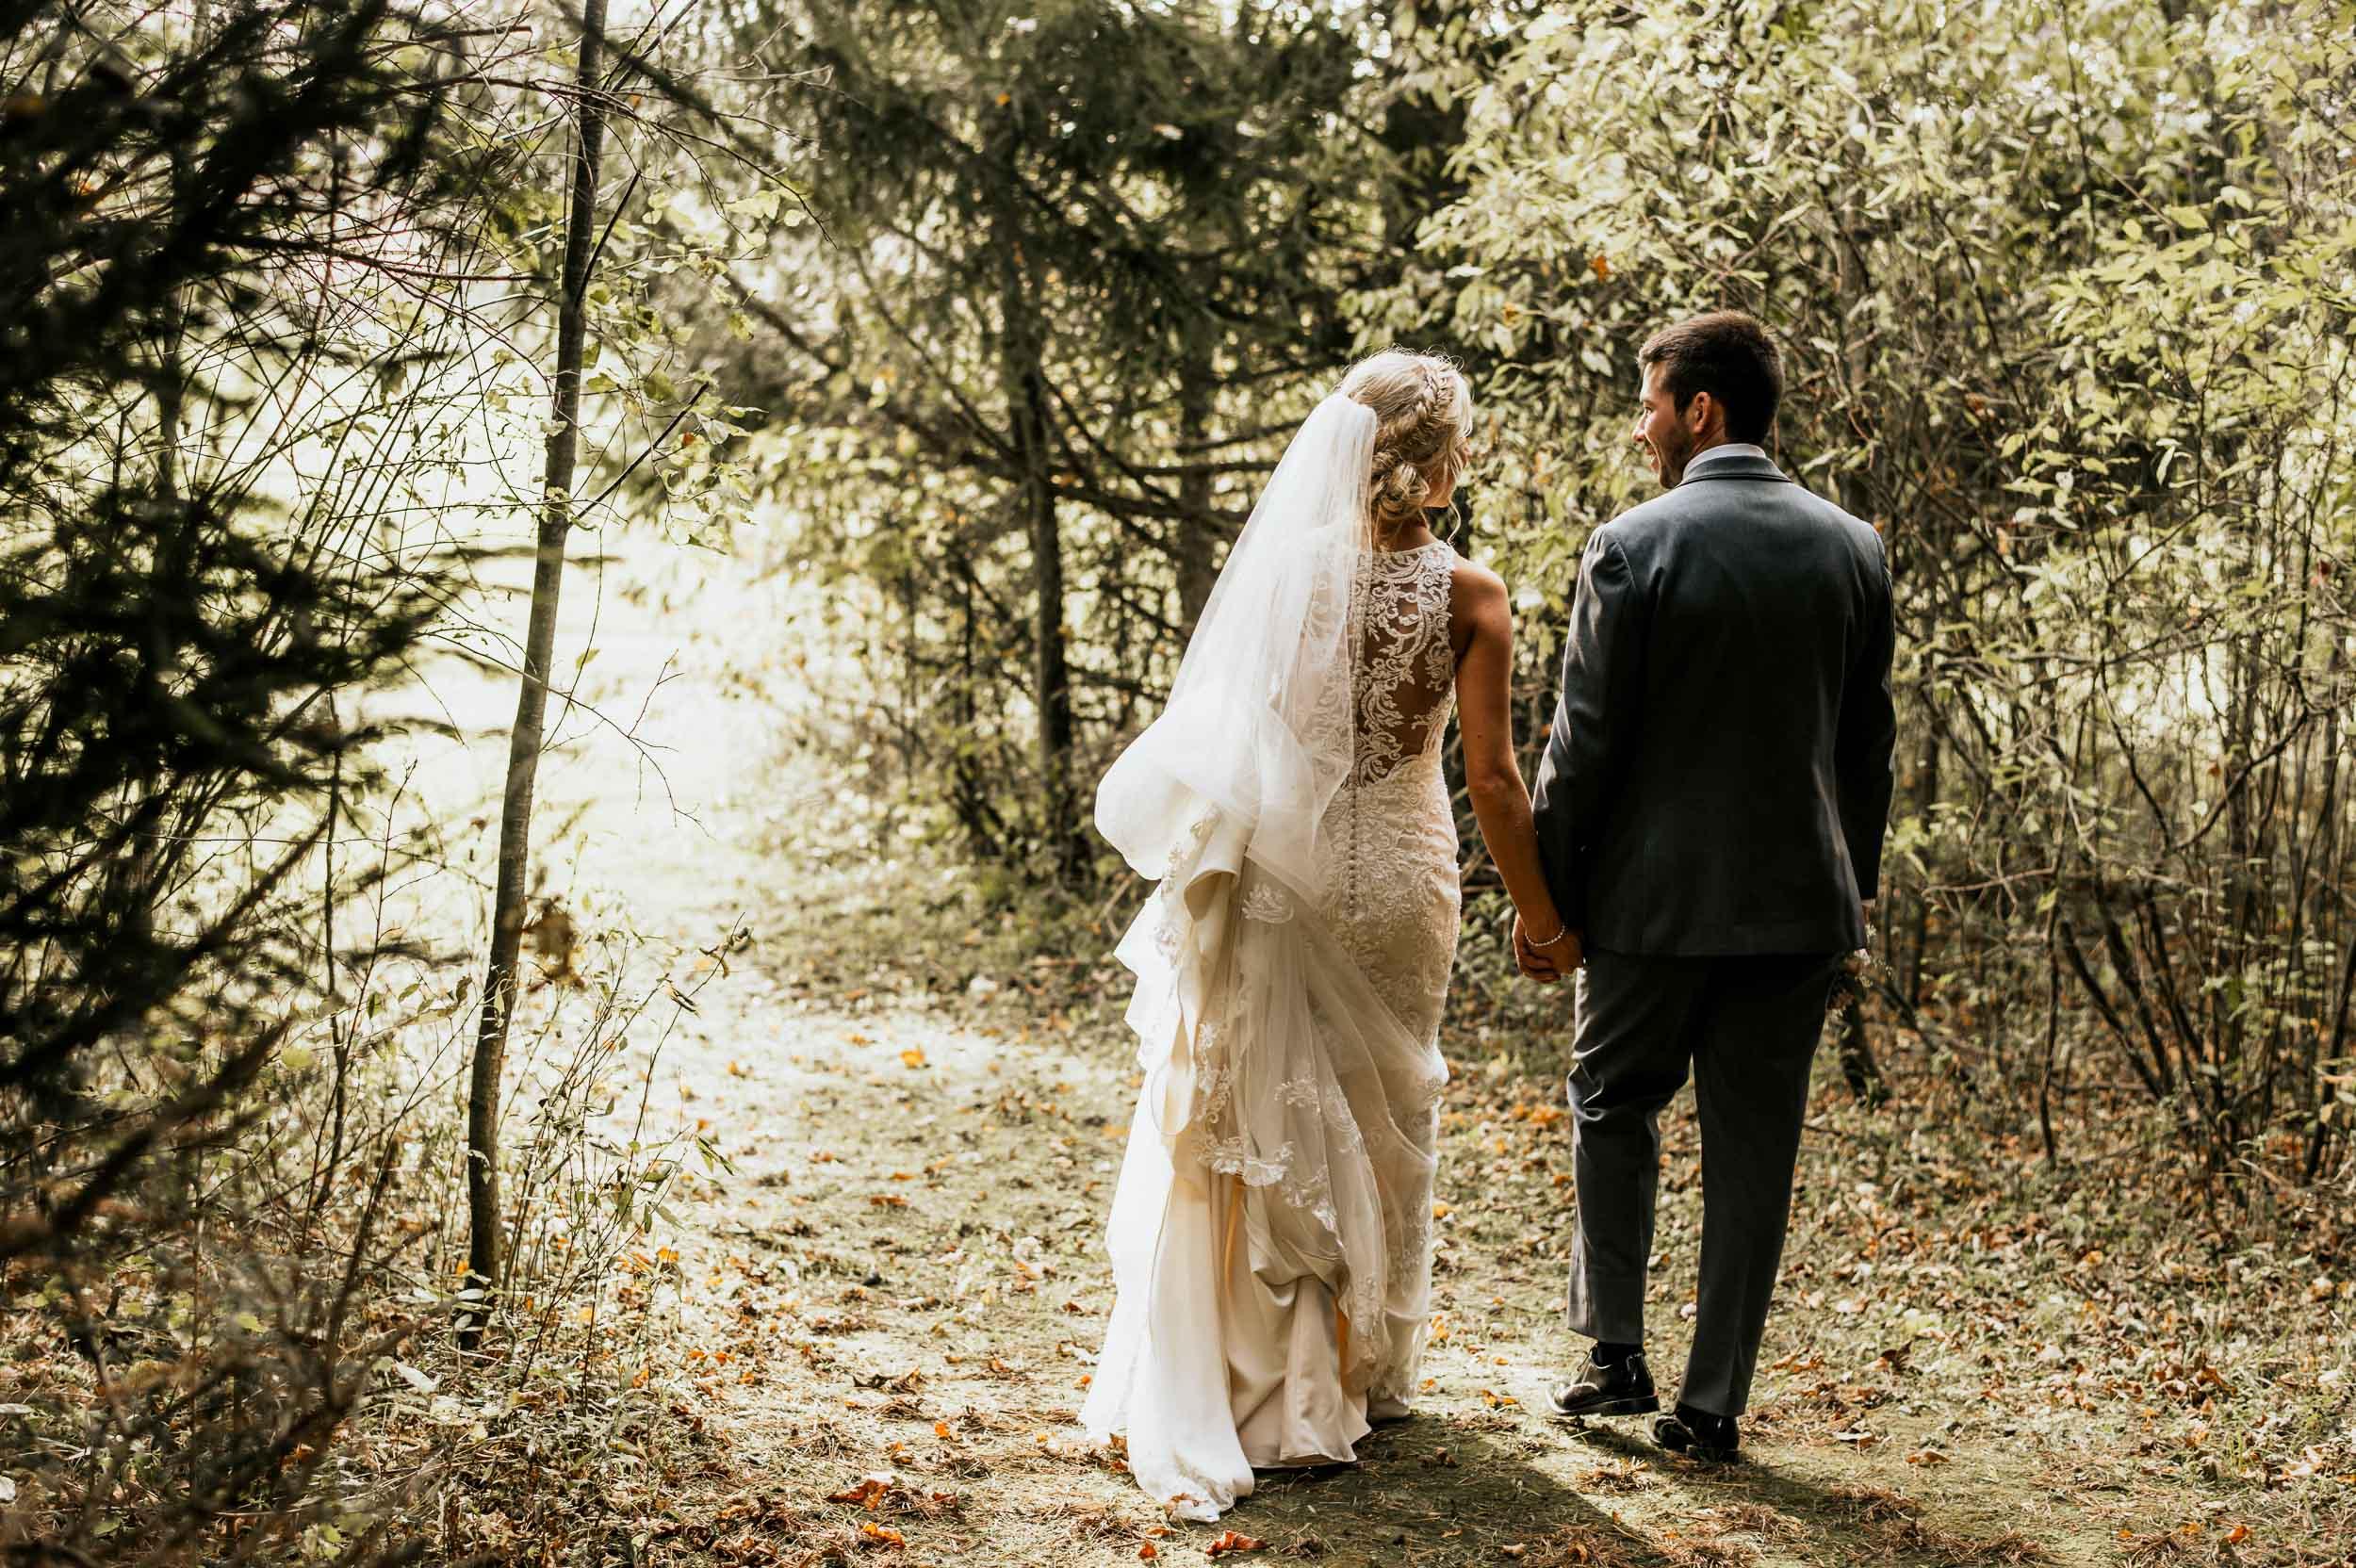 wedding-photography-stratford-davidiam-157.jpg